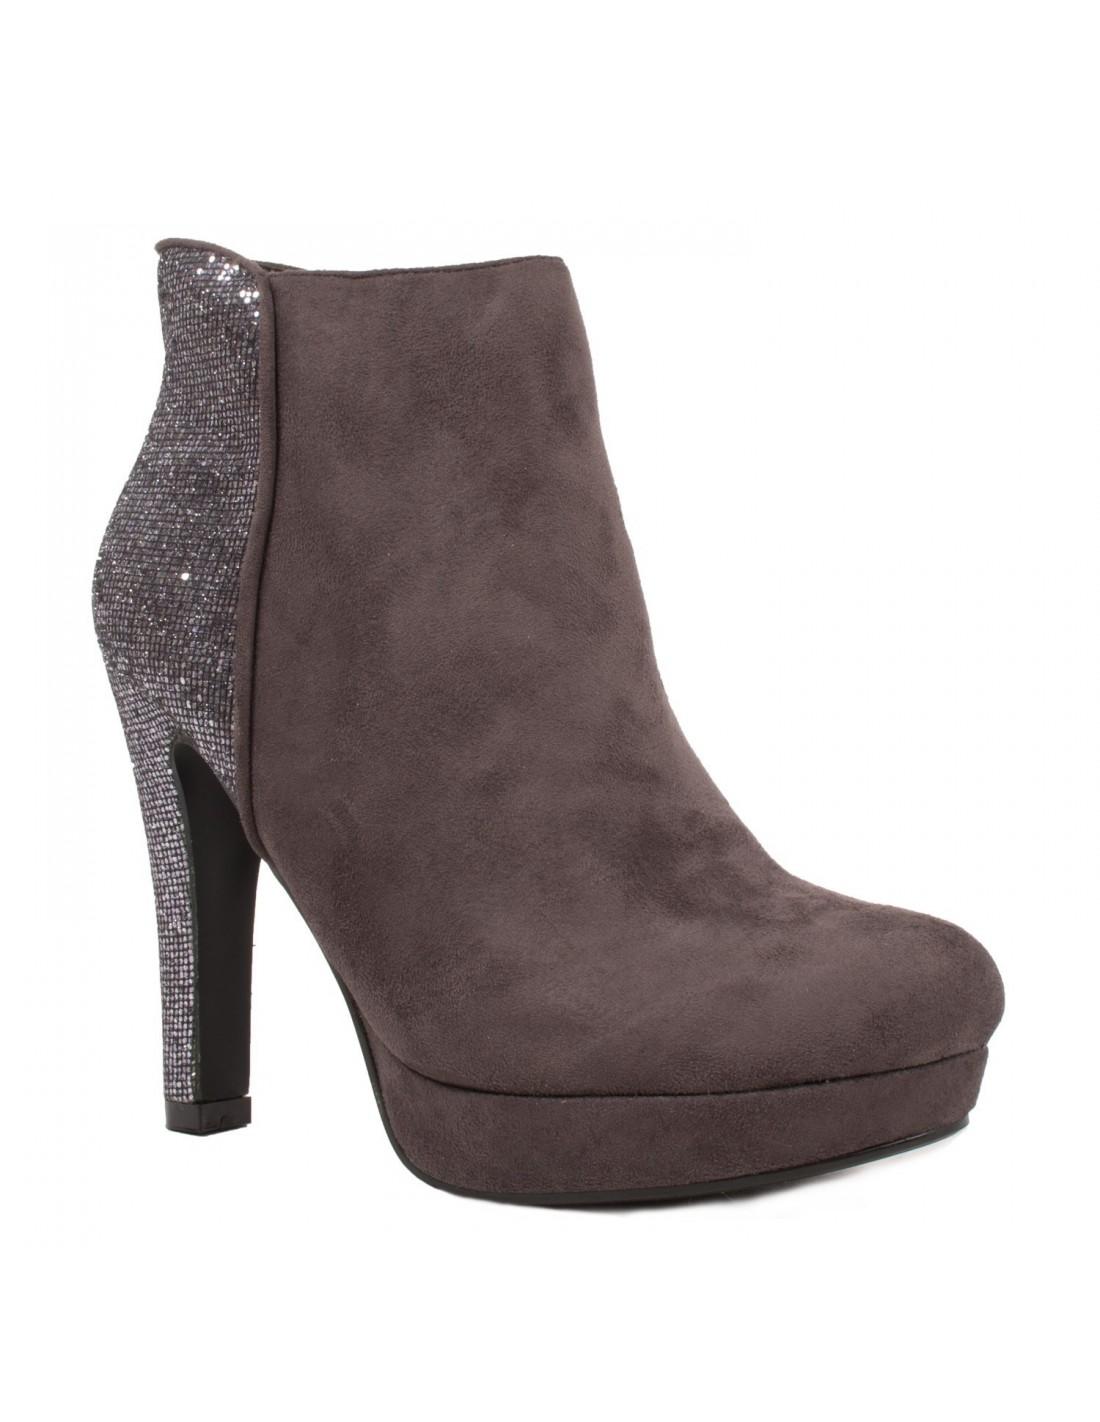 Primtex Bottines à talon pailleté strass & plateforme en suédine style e Noir - Chaussures Bottine Femme